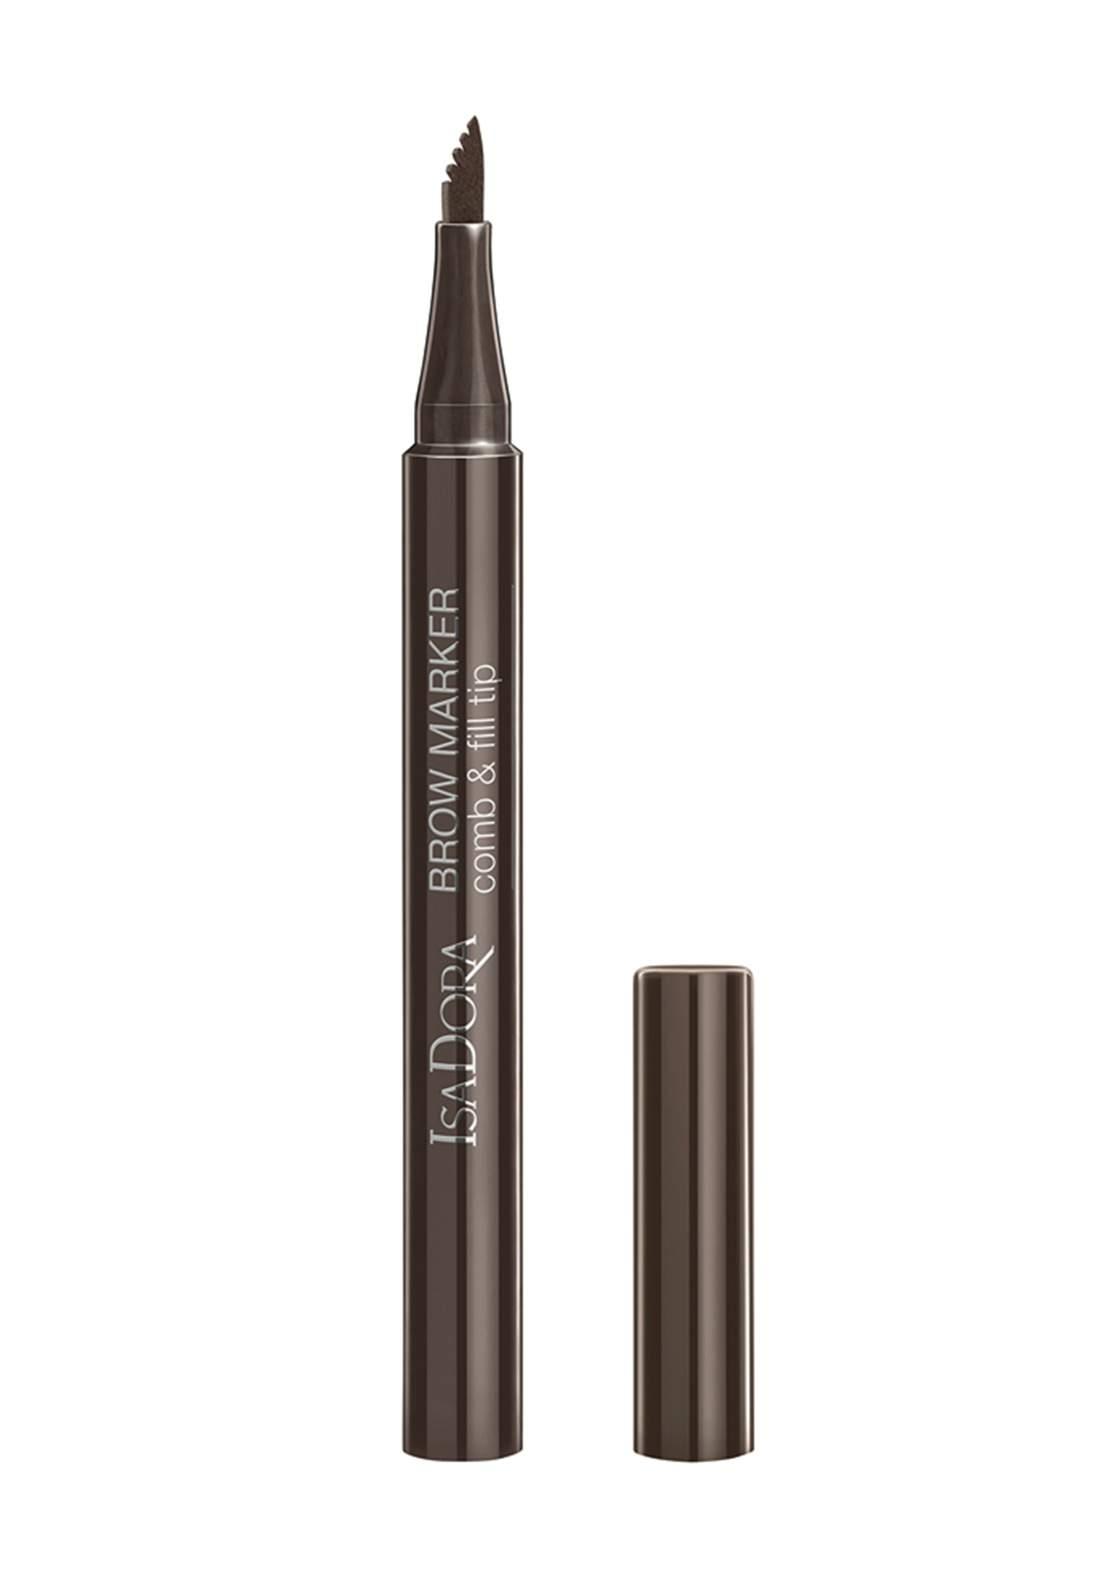 IsaDora 316550 Brow Marker Comb & Fill Tip Medium Brown No.20 قلم الحاجب